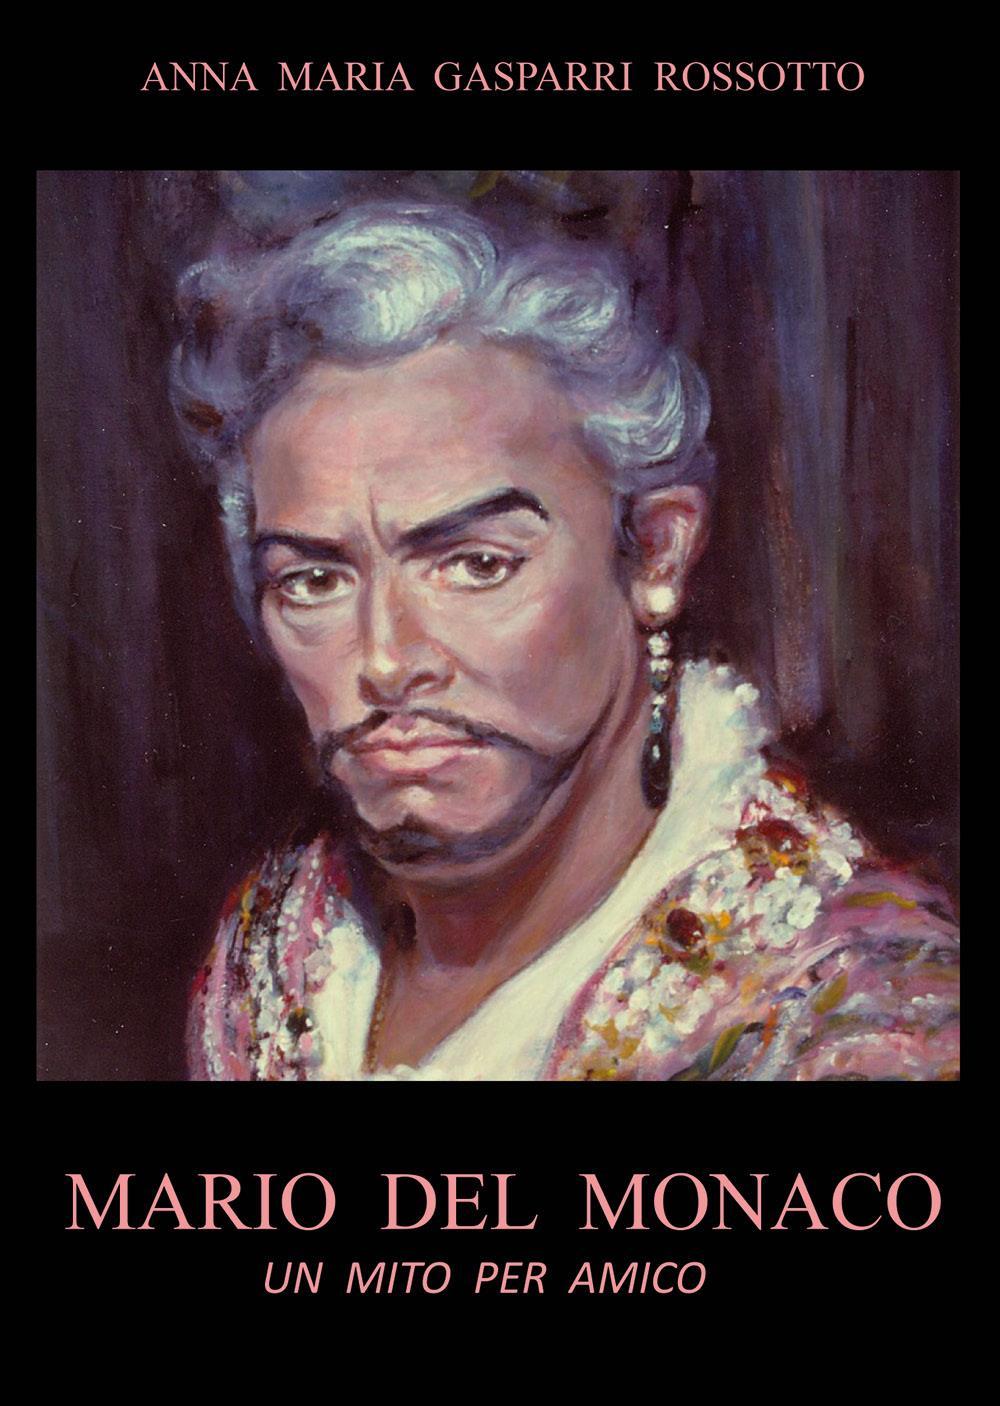 MARIO DEL MONACO - Un mito per amico